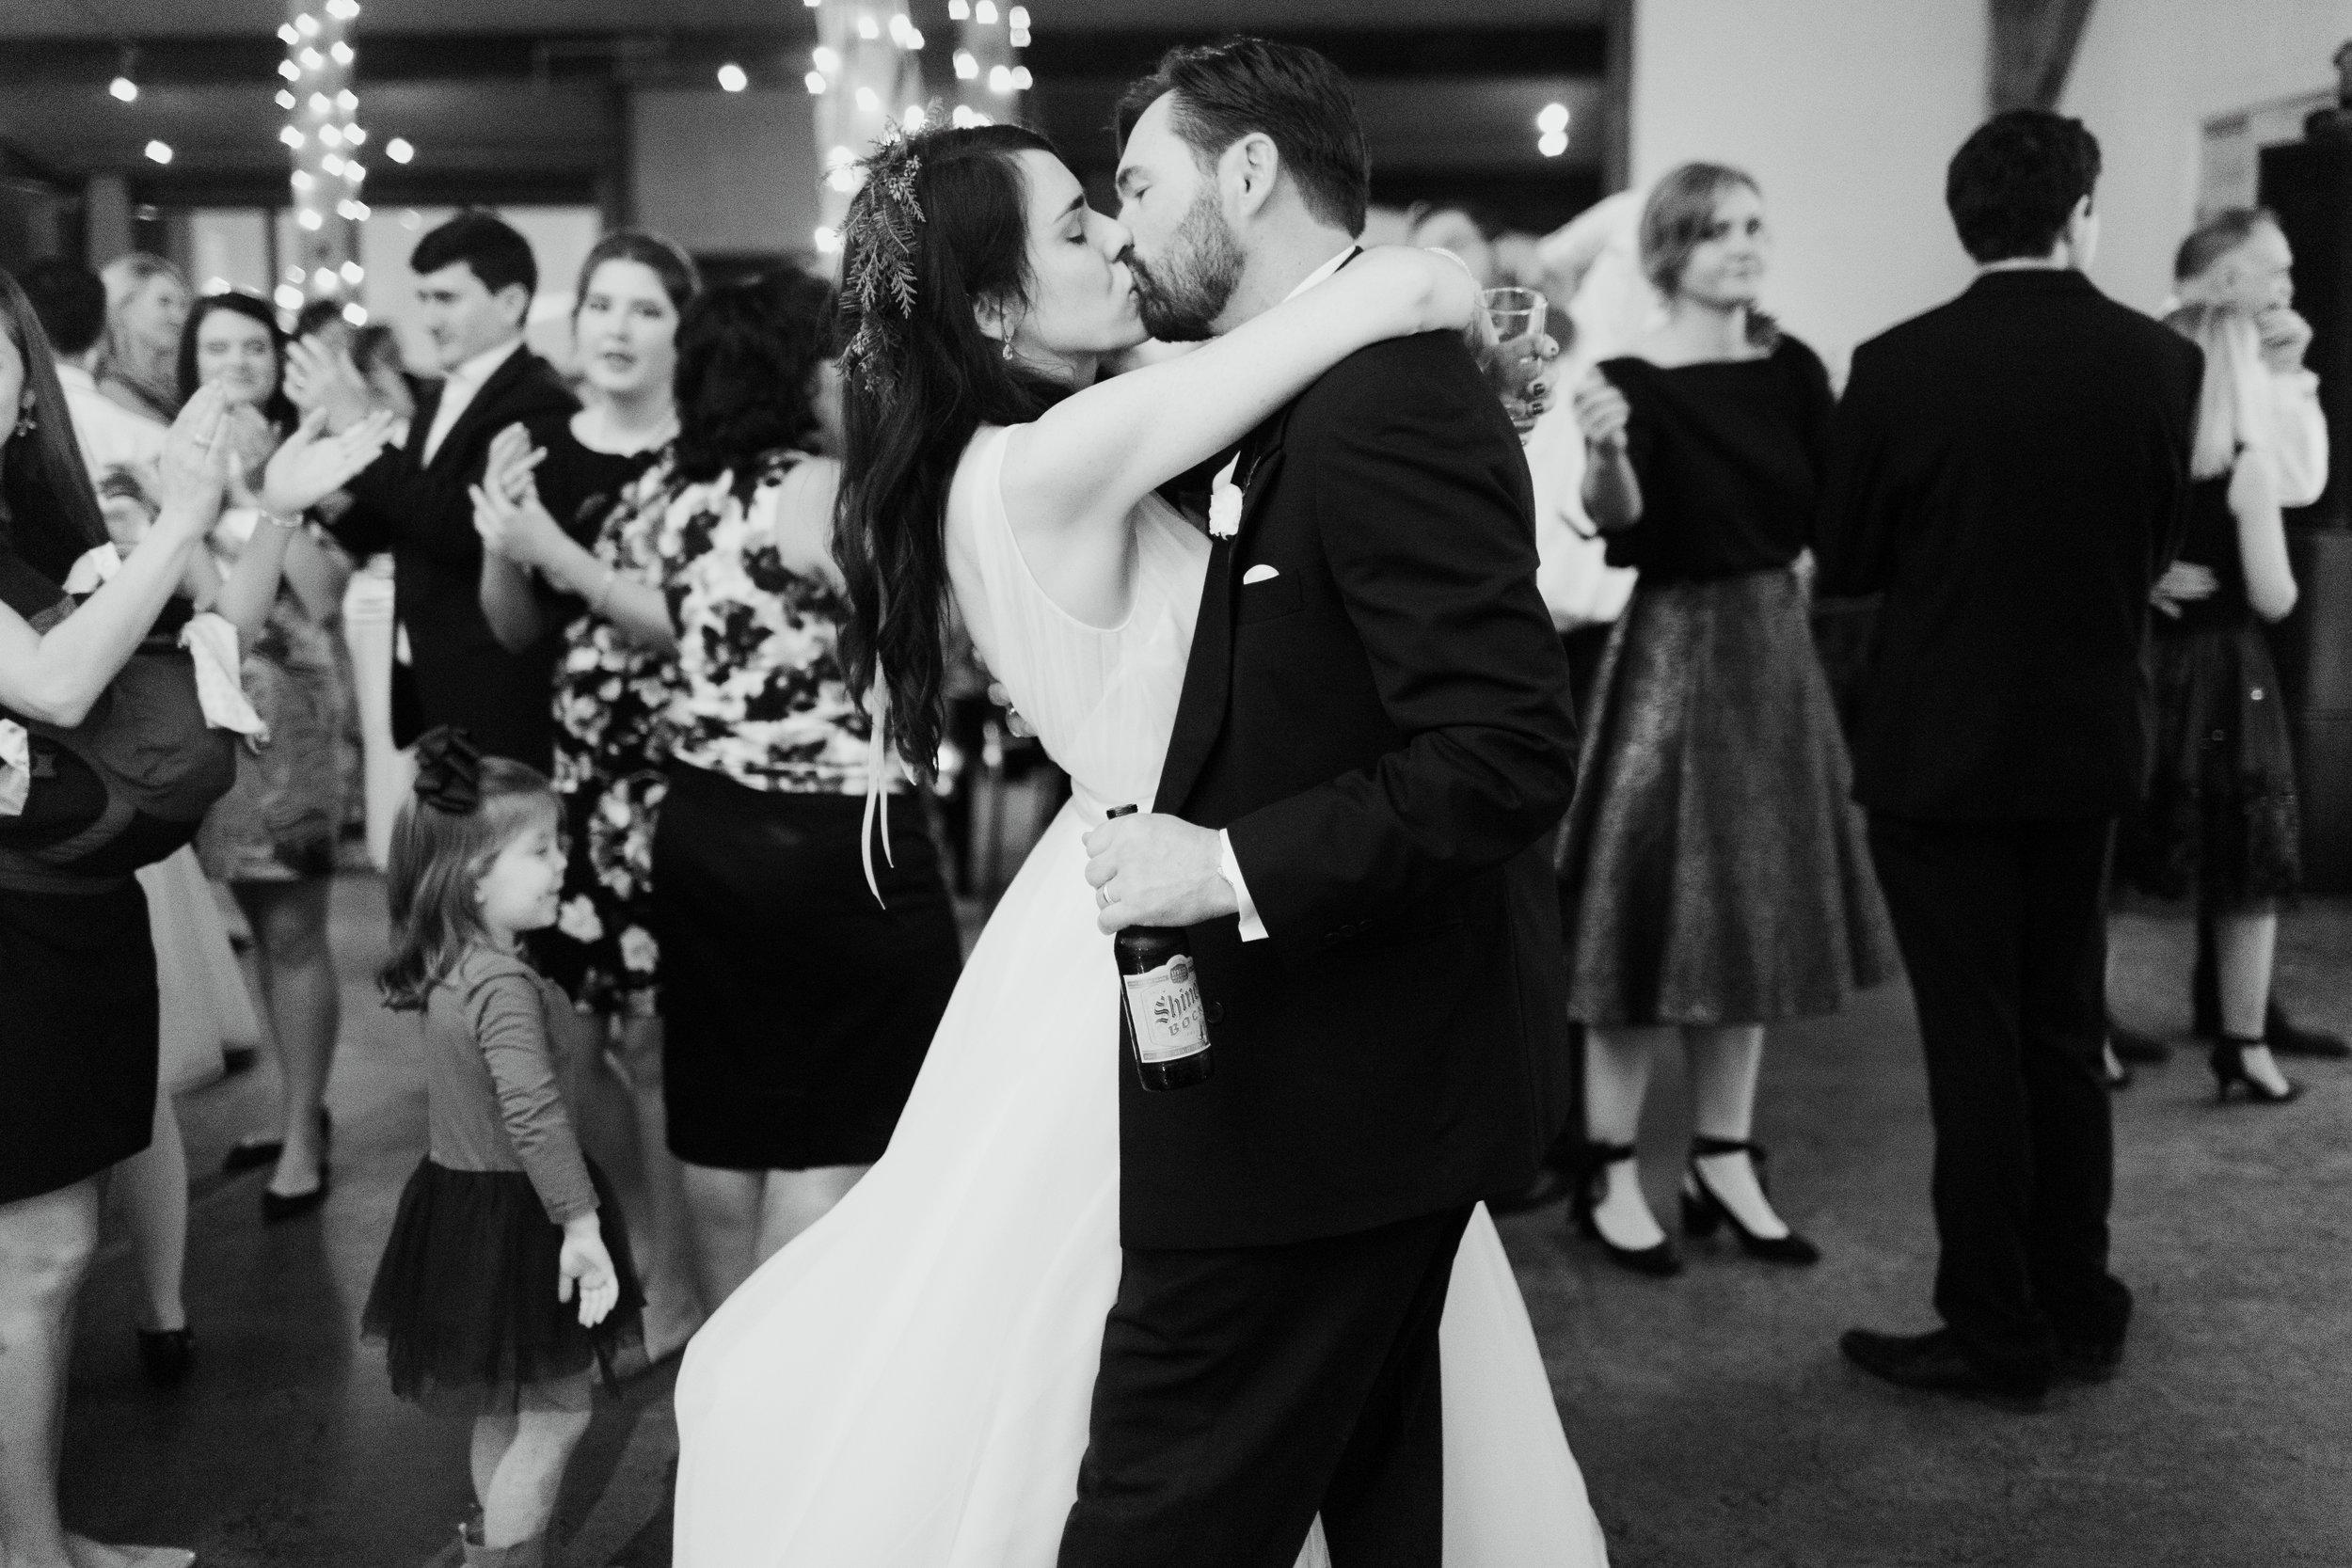 dancing kiss.JPG